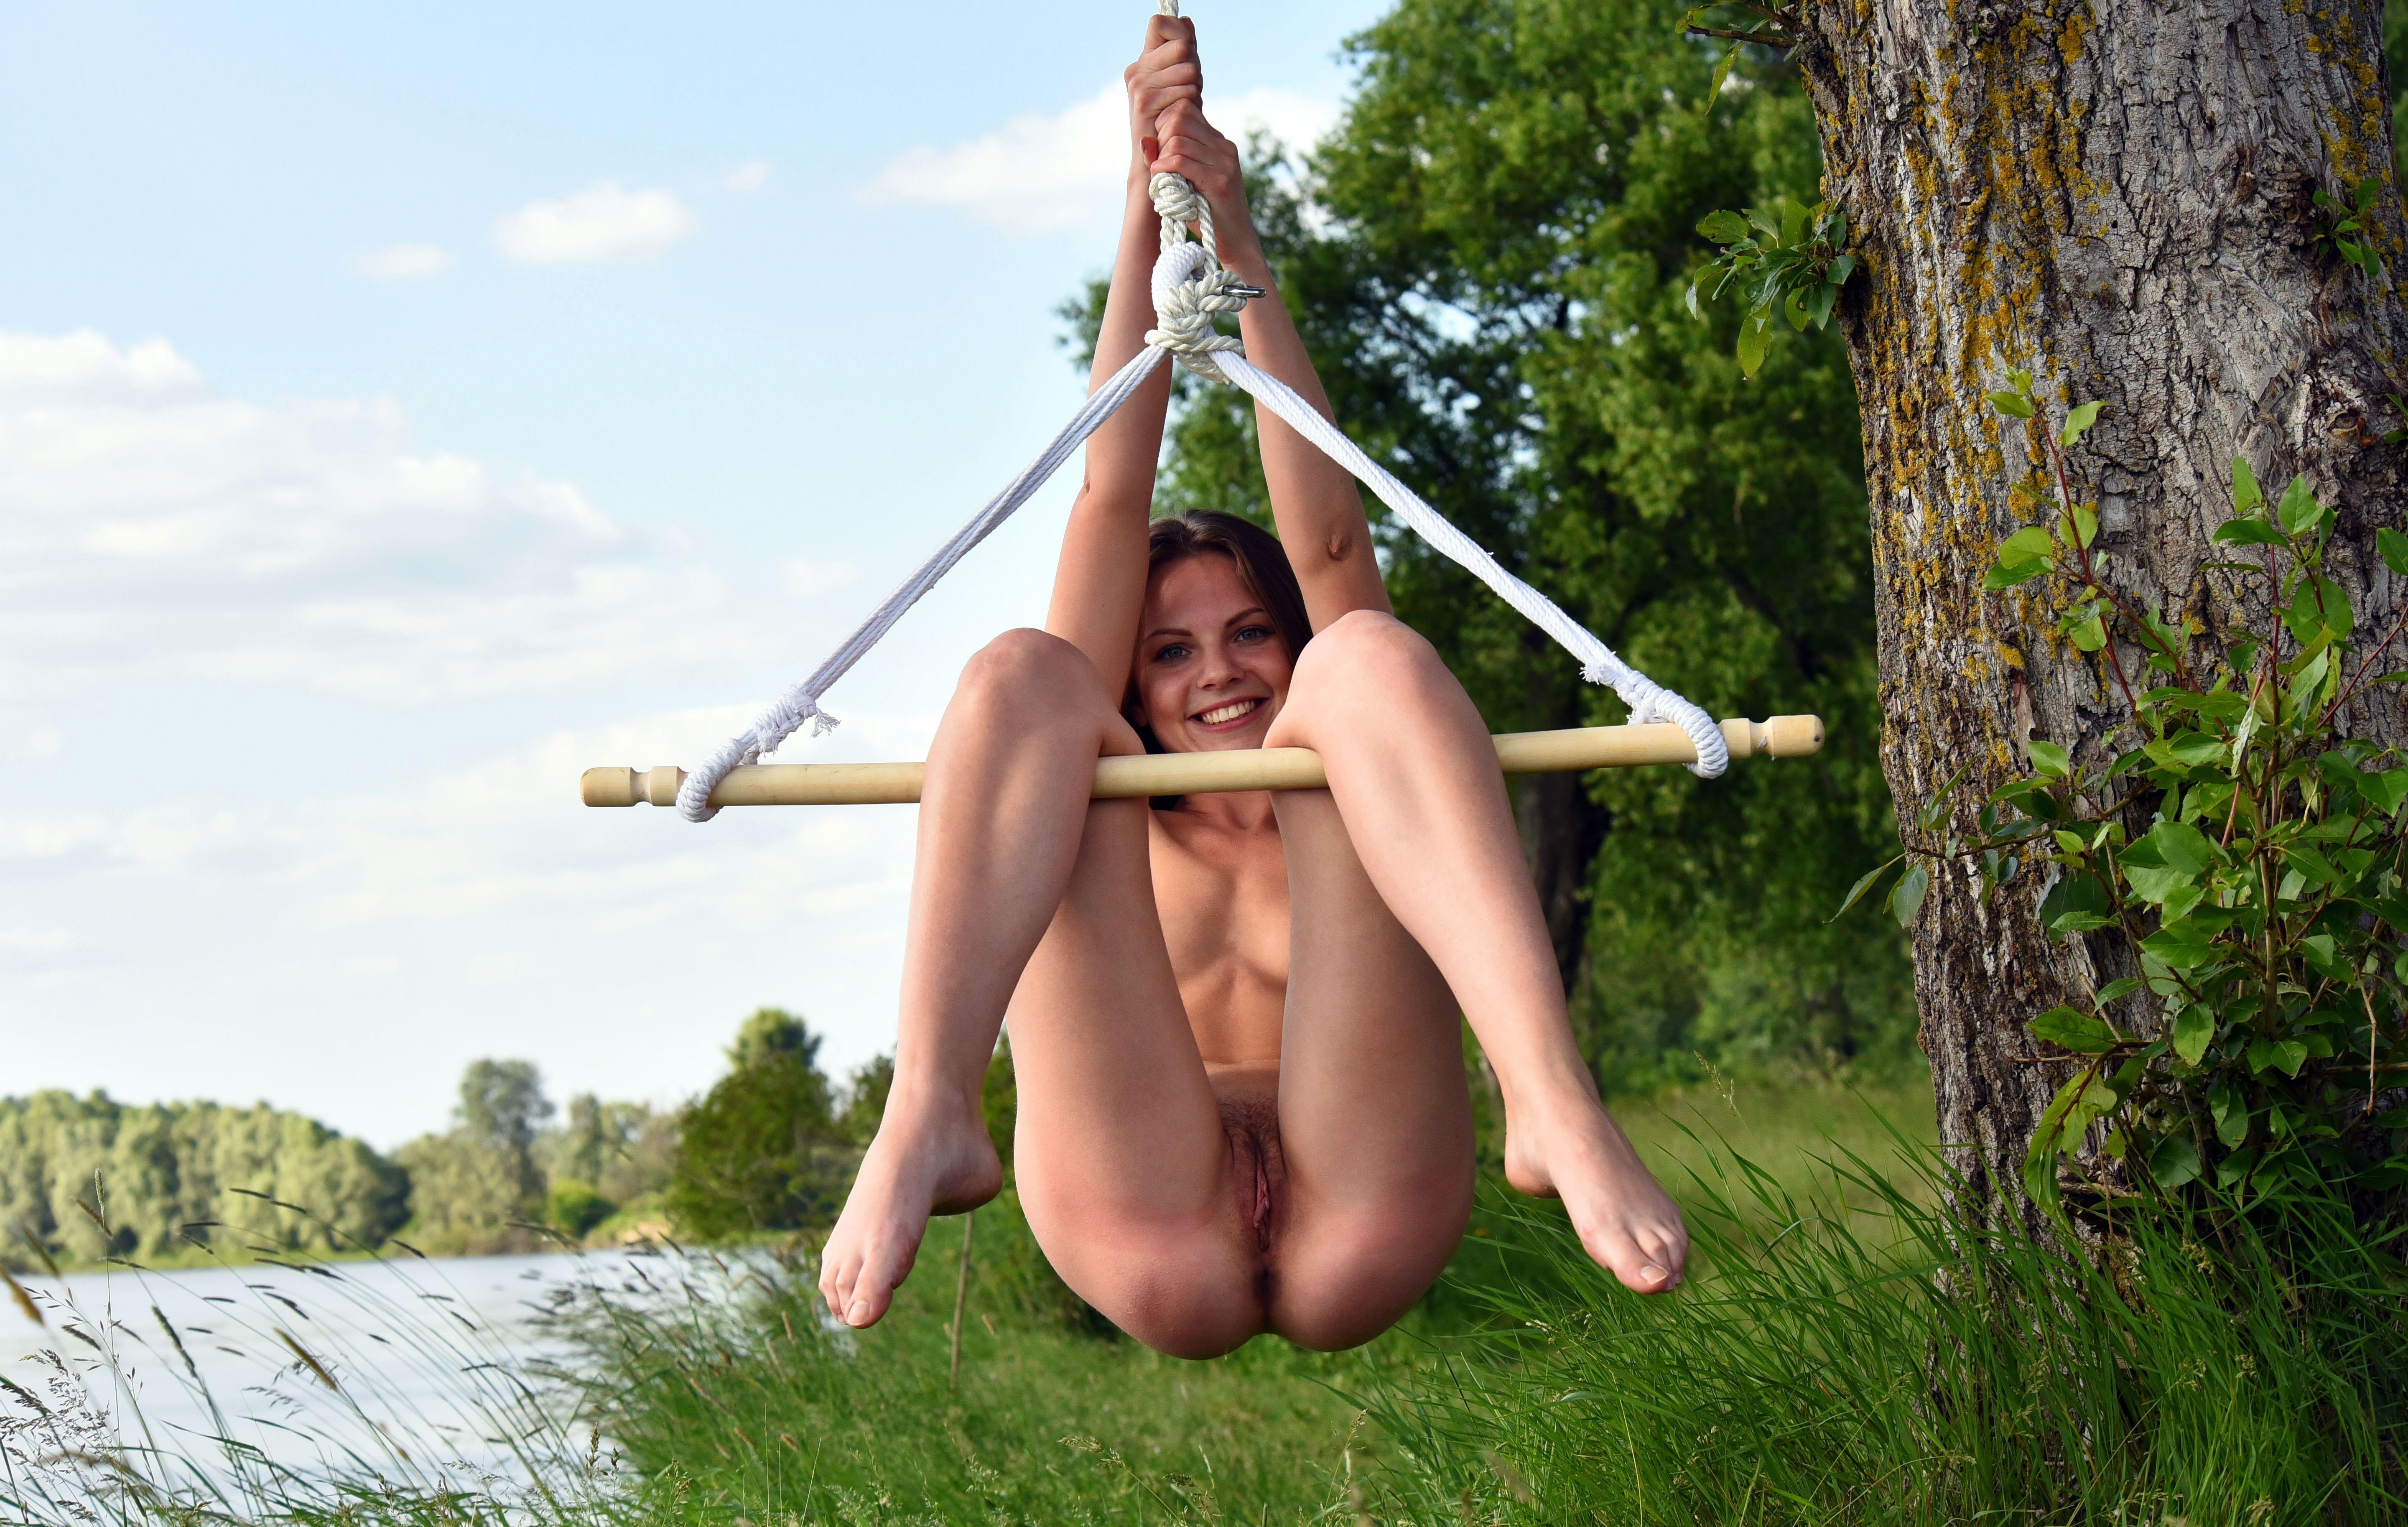 Фото Голая девушка качается на самодельных качелях у озера, голая попка над зеленой травой, скачать картинку бесплатно